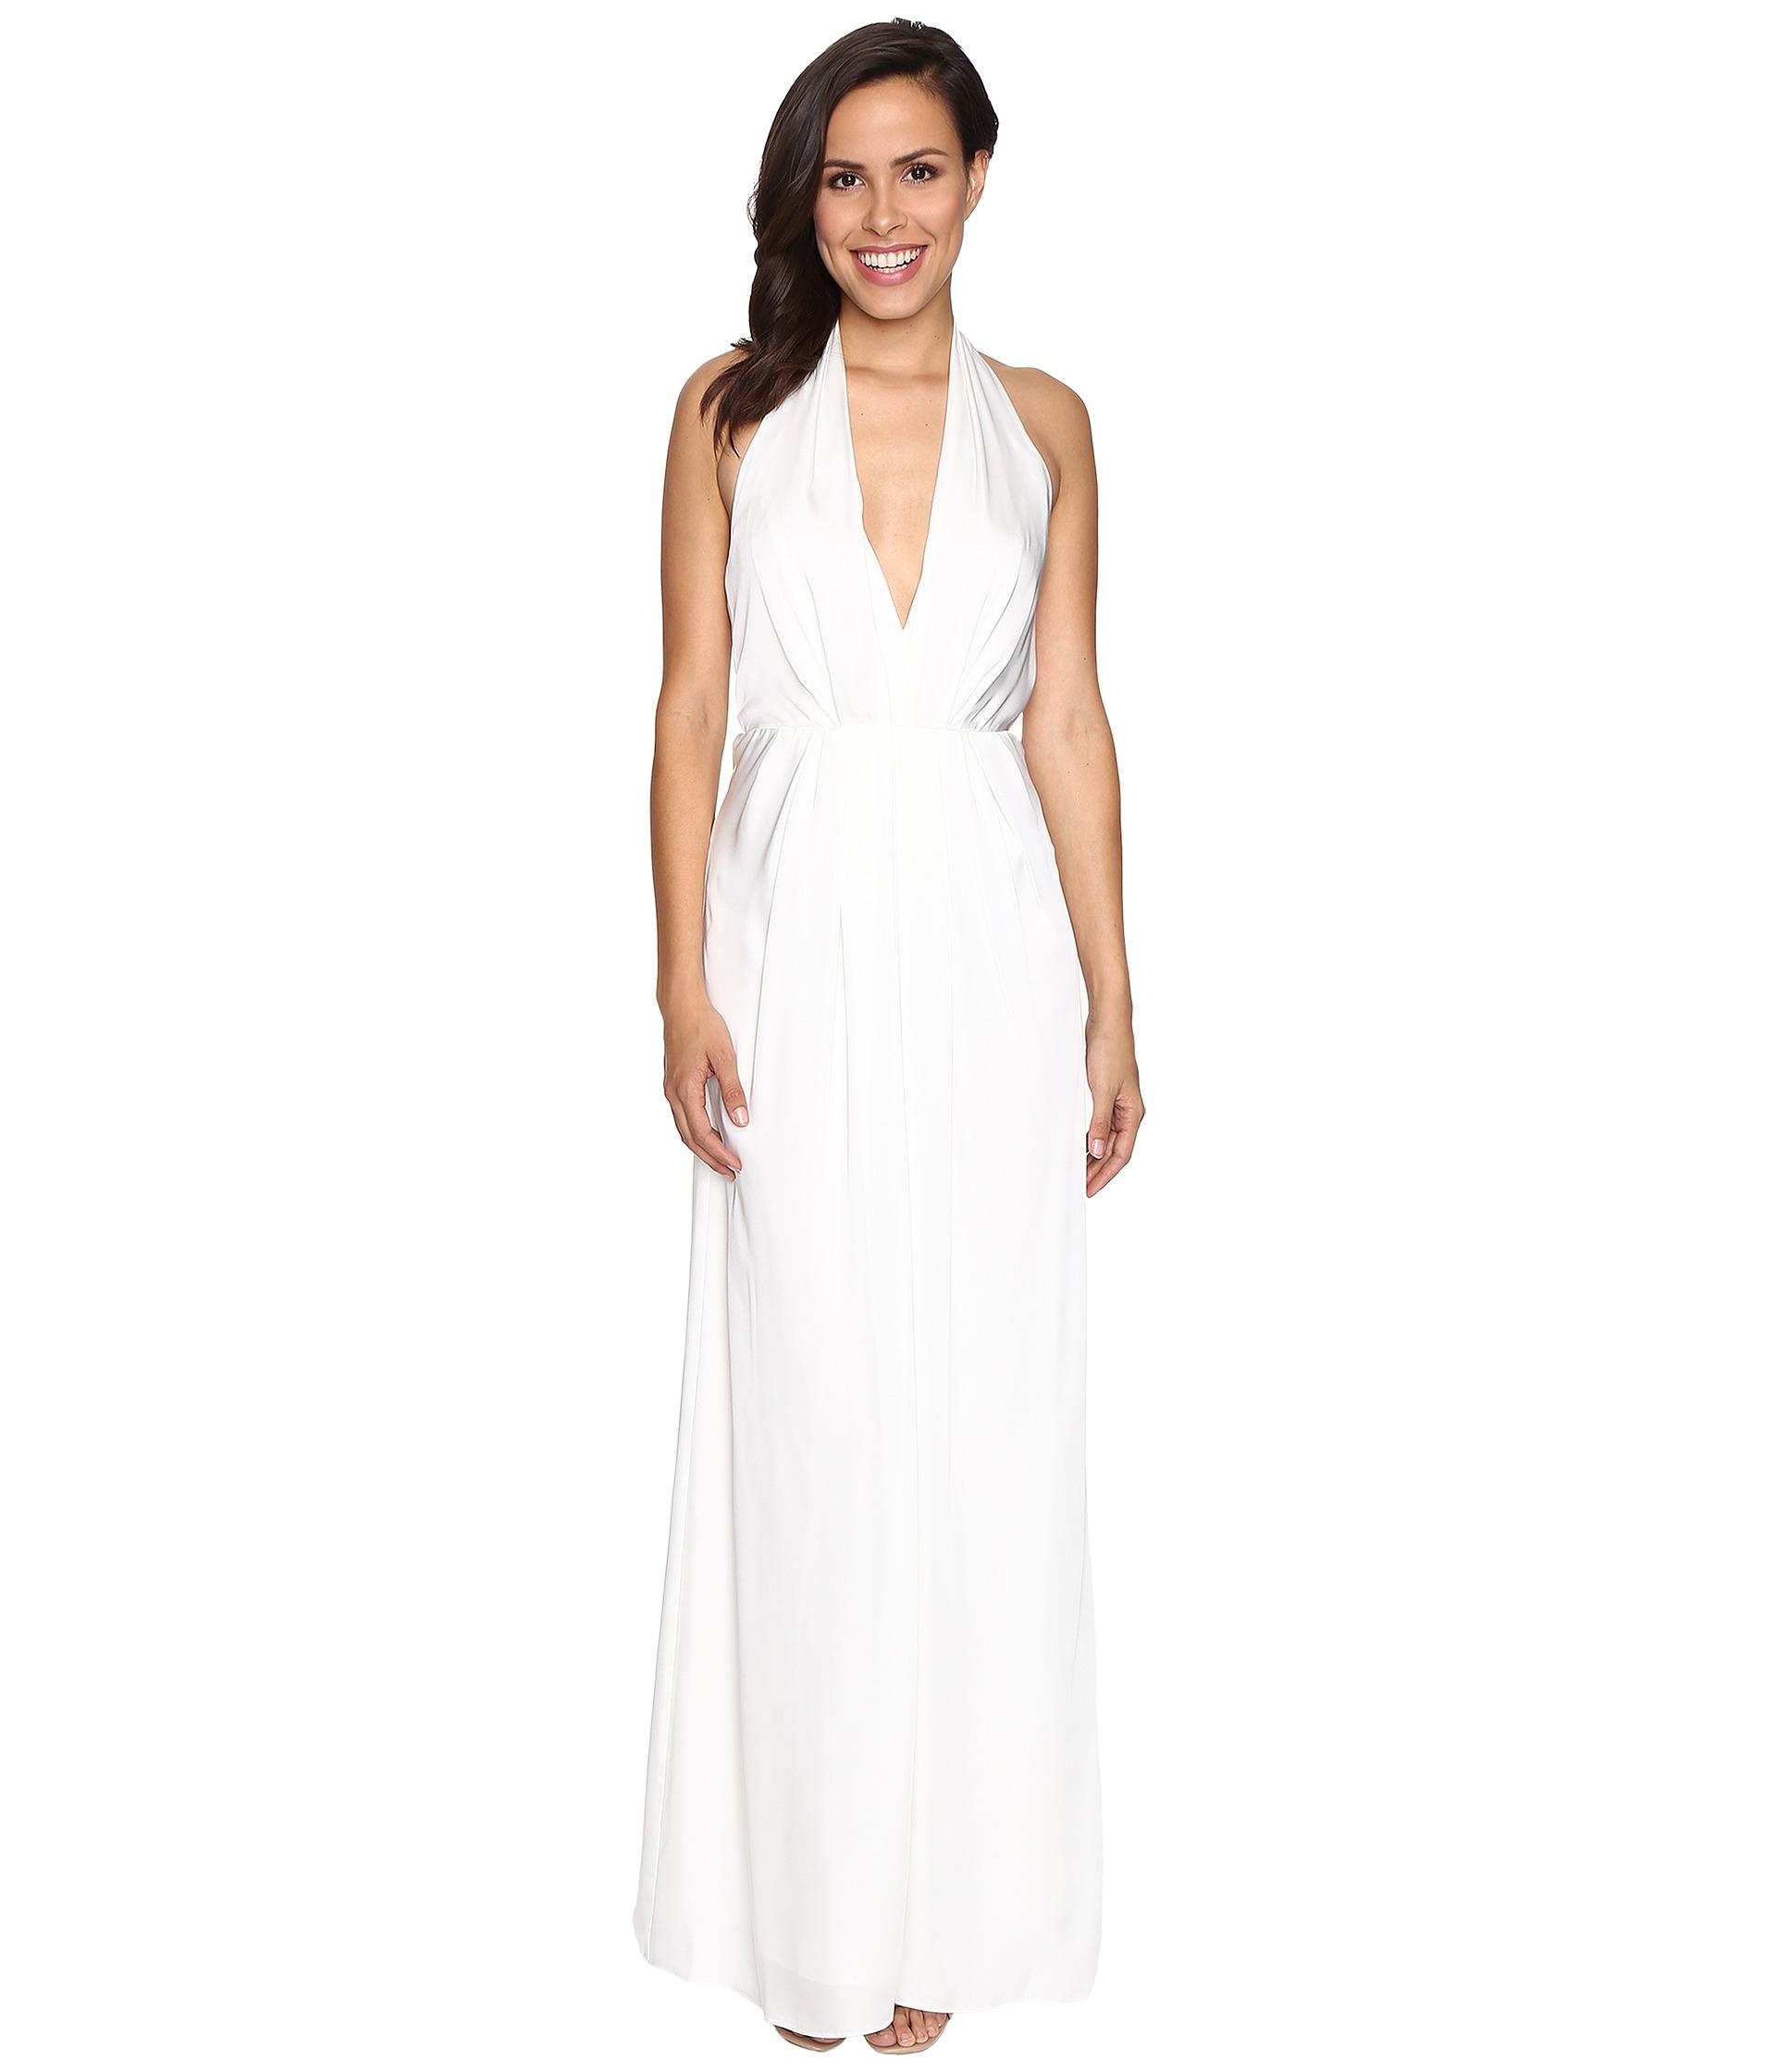 white halter dress dress yp